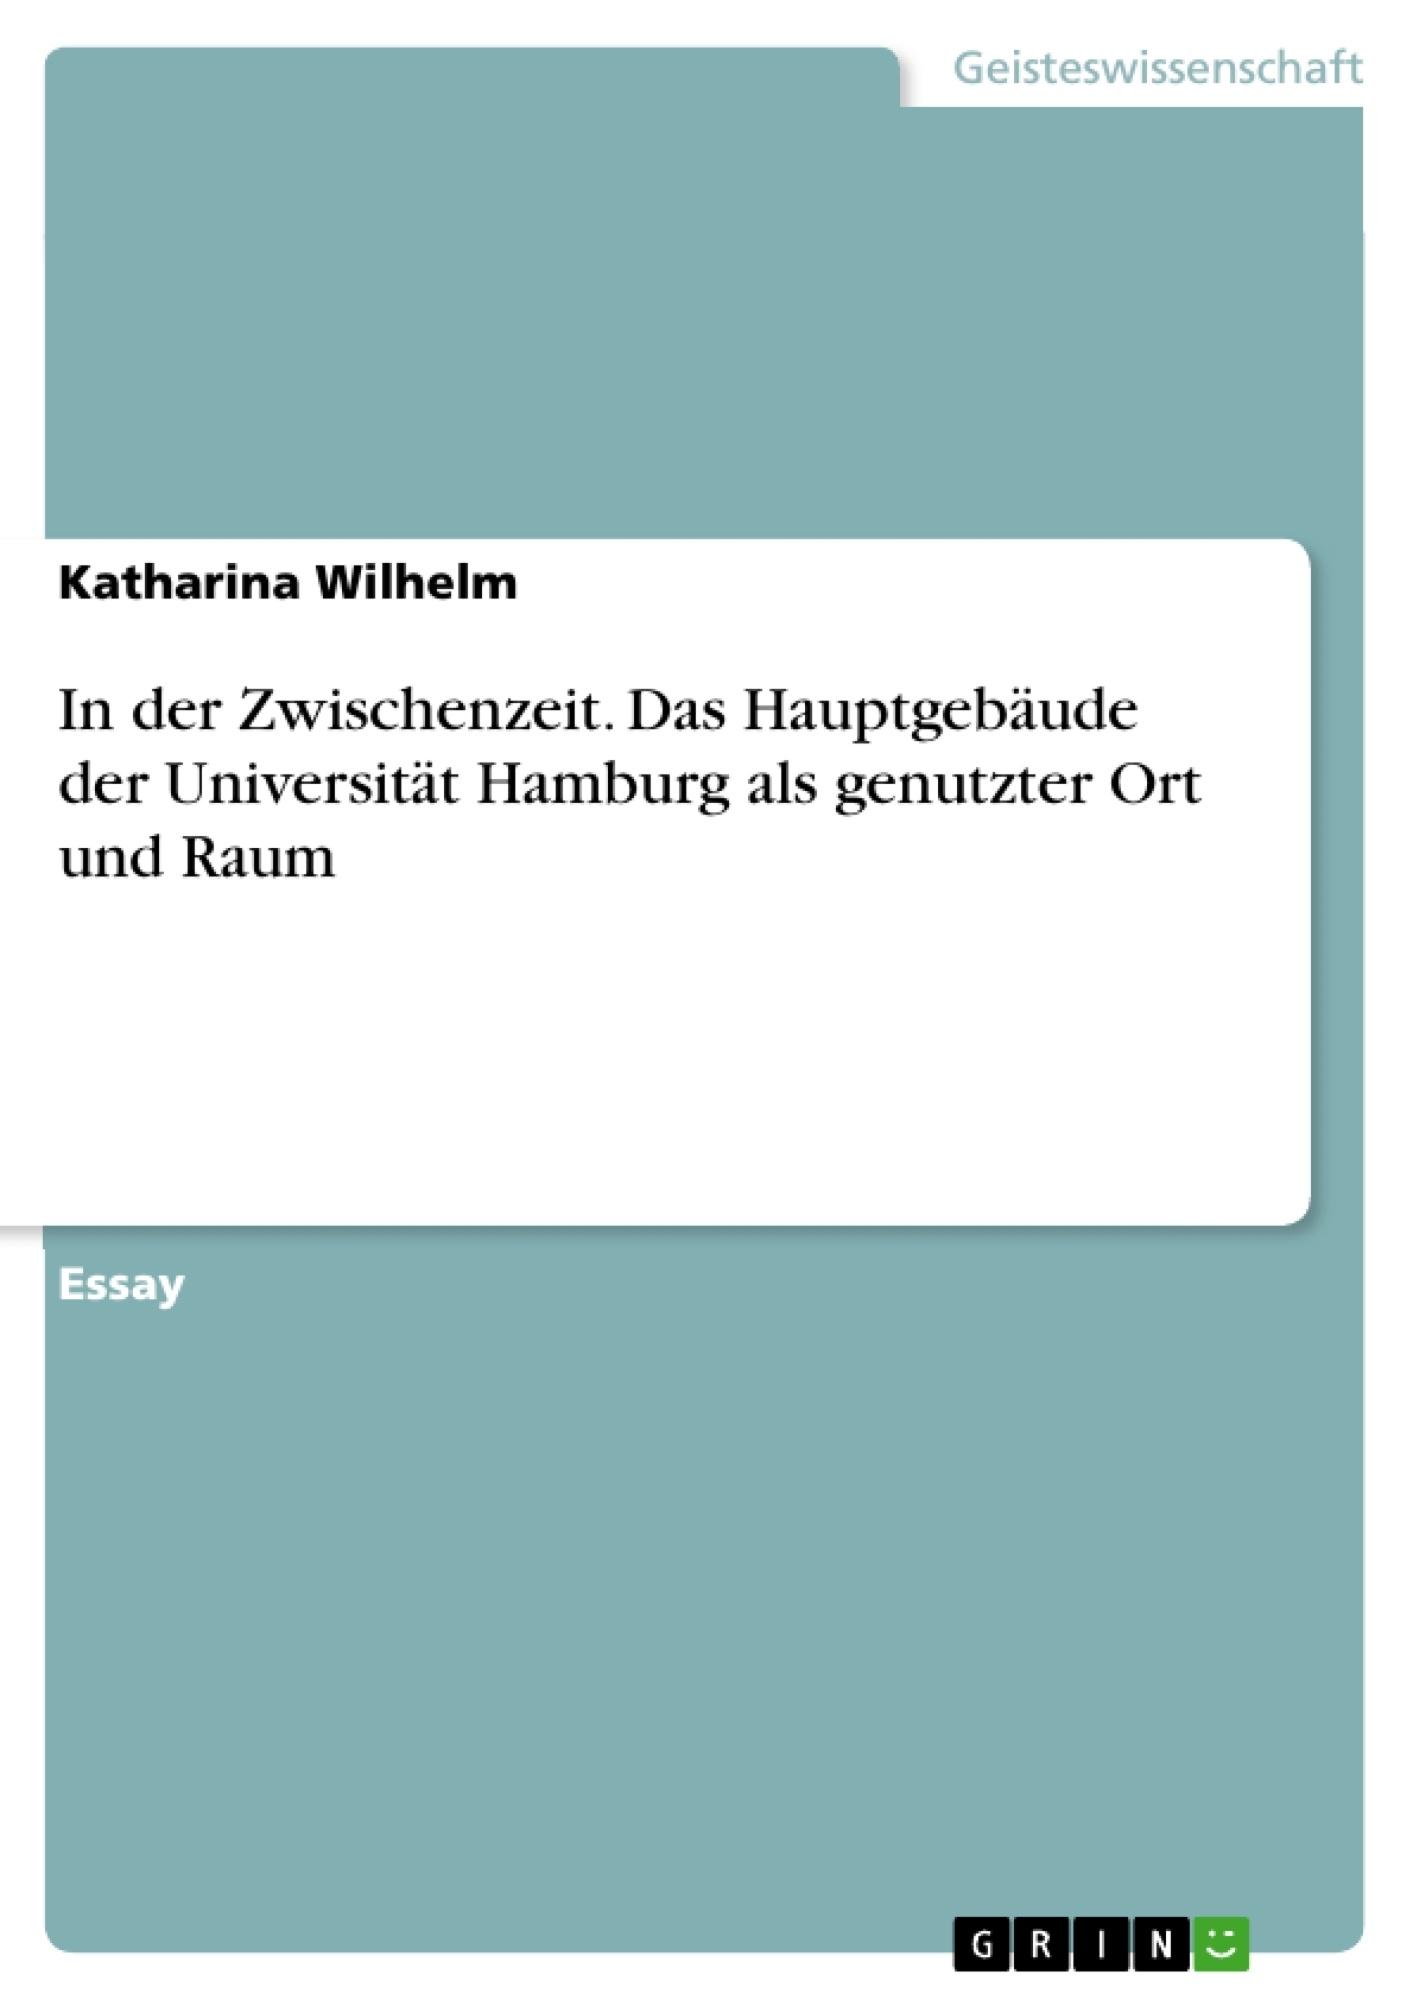 Titel: In der Zwischenzeit. Das Hauptgebäude der Universität Hamburg als genutzter Ort und Raum